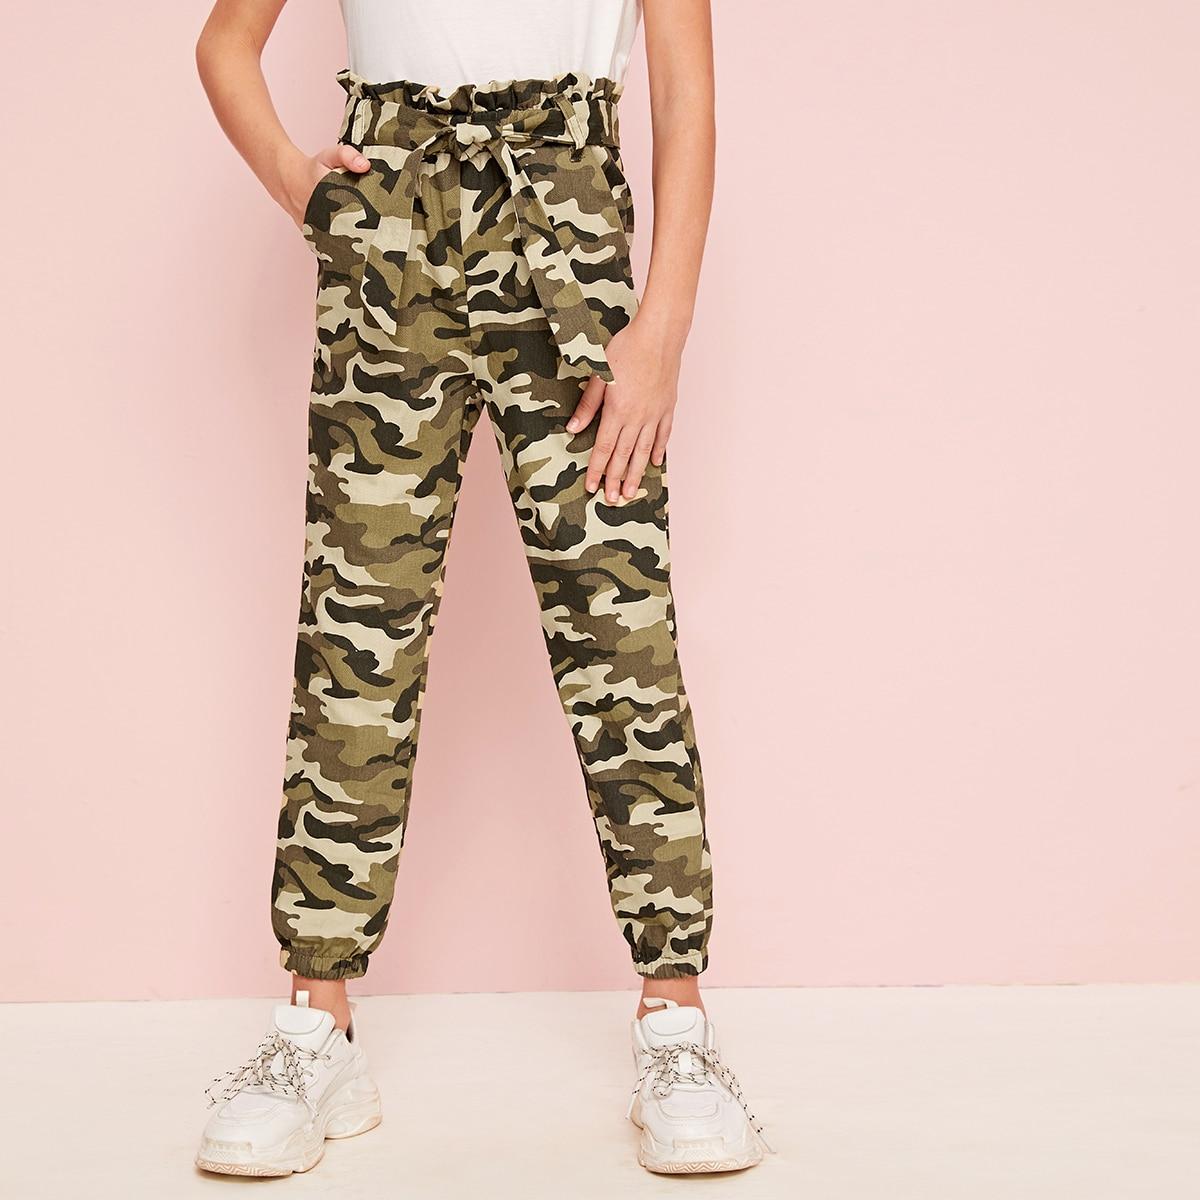 Камуфляжные брюки с присборенной талией и поясом для девочек от SHEIN